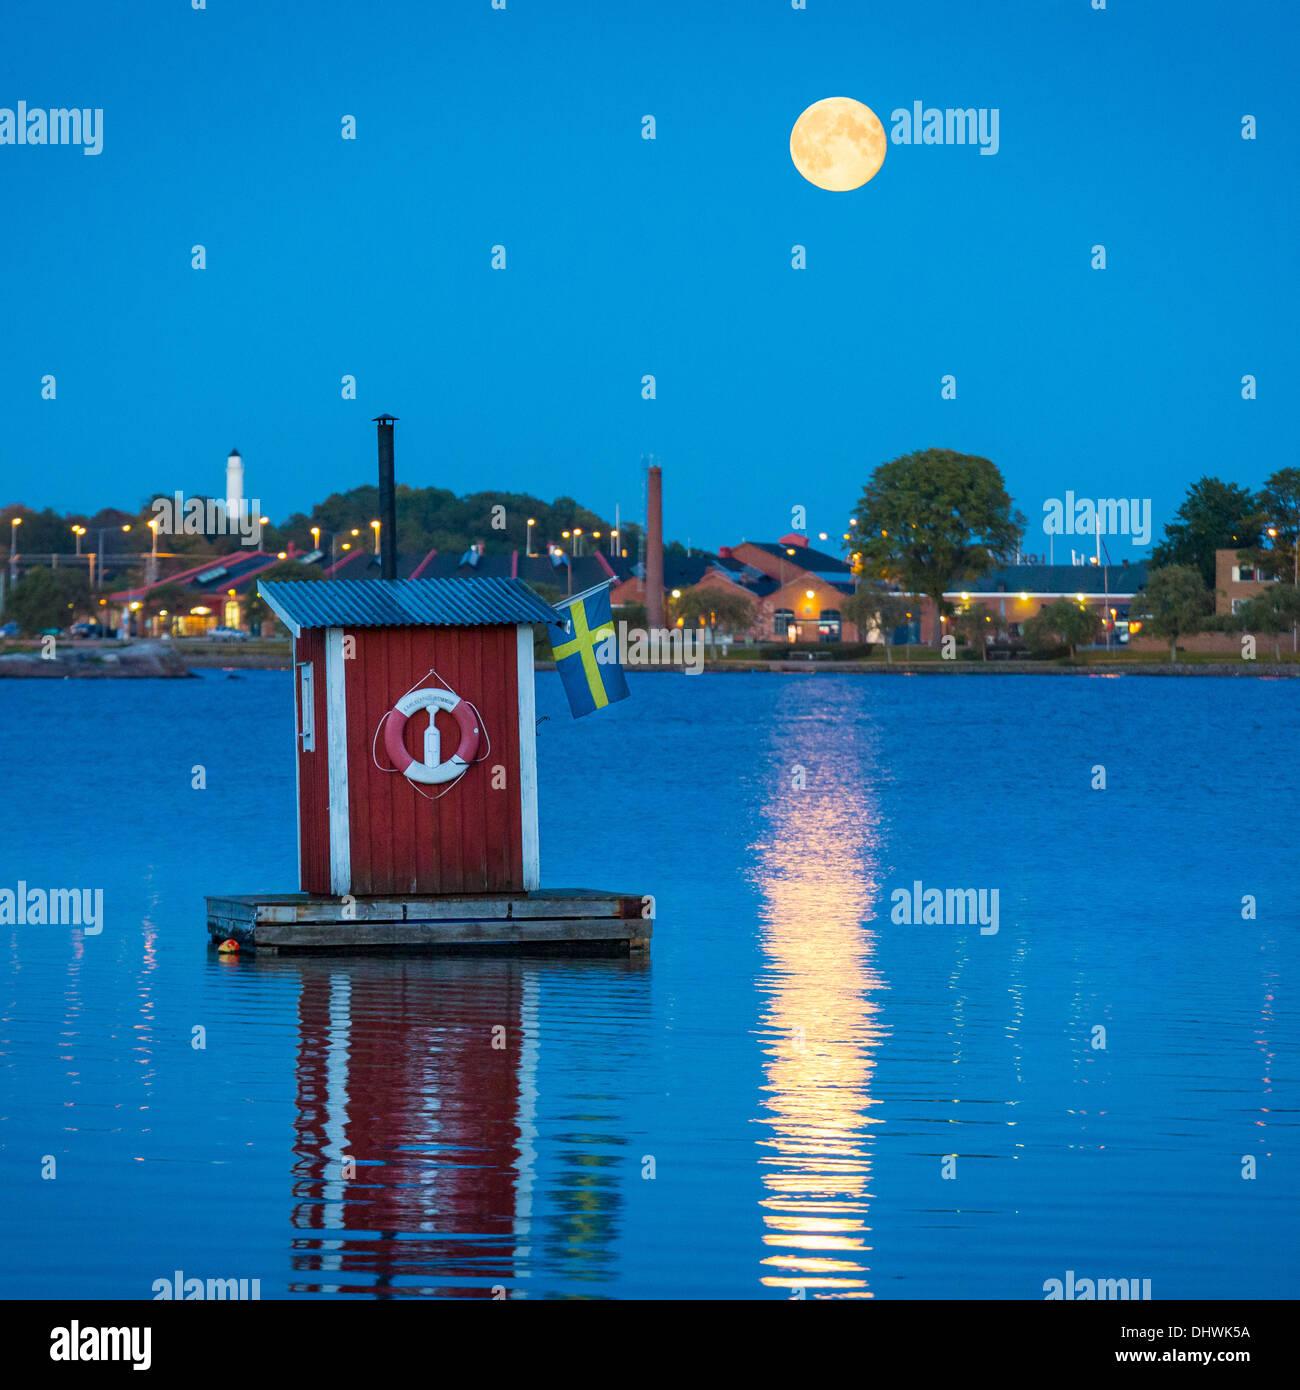 Floating sauna cabin in Karlskrona, Sweden - Stock Image